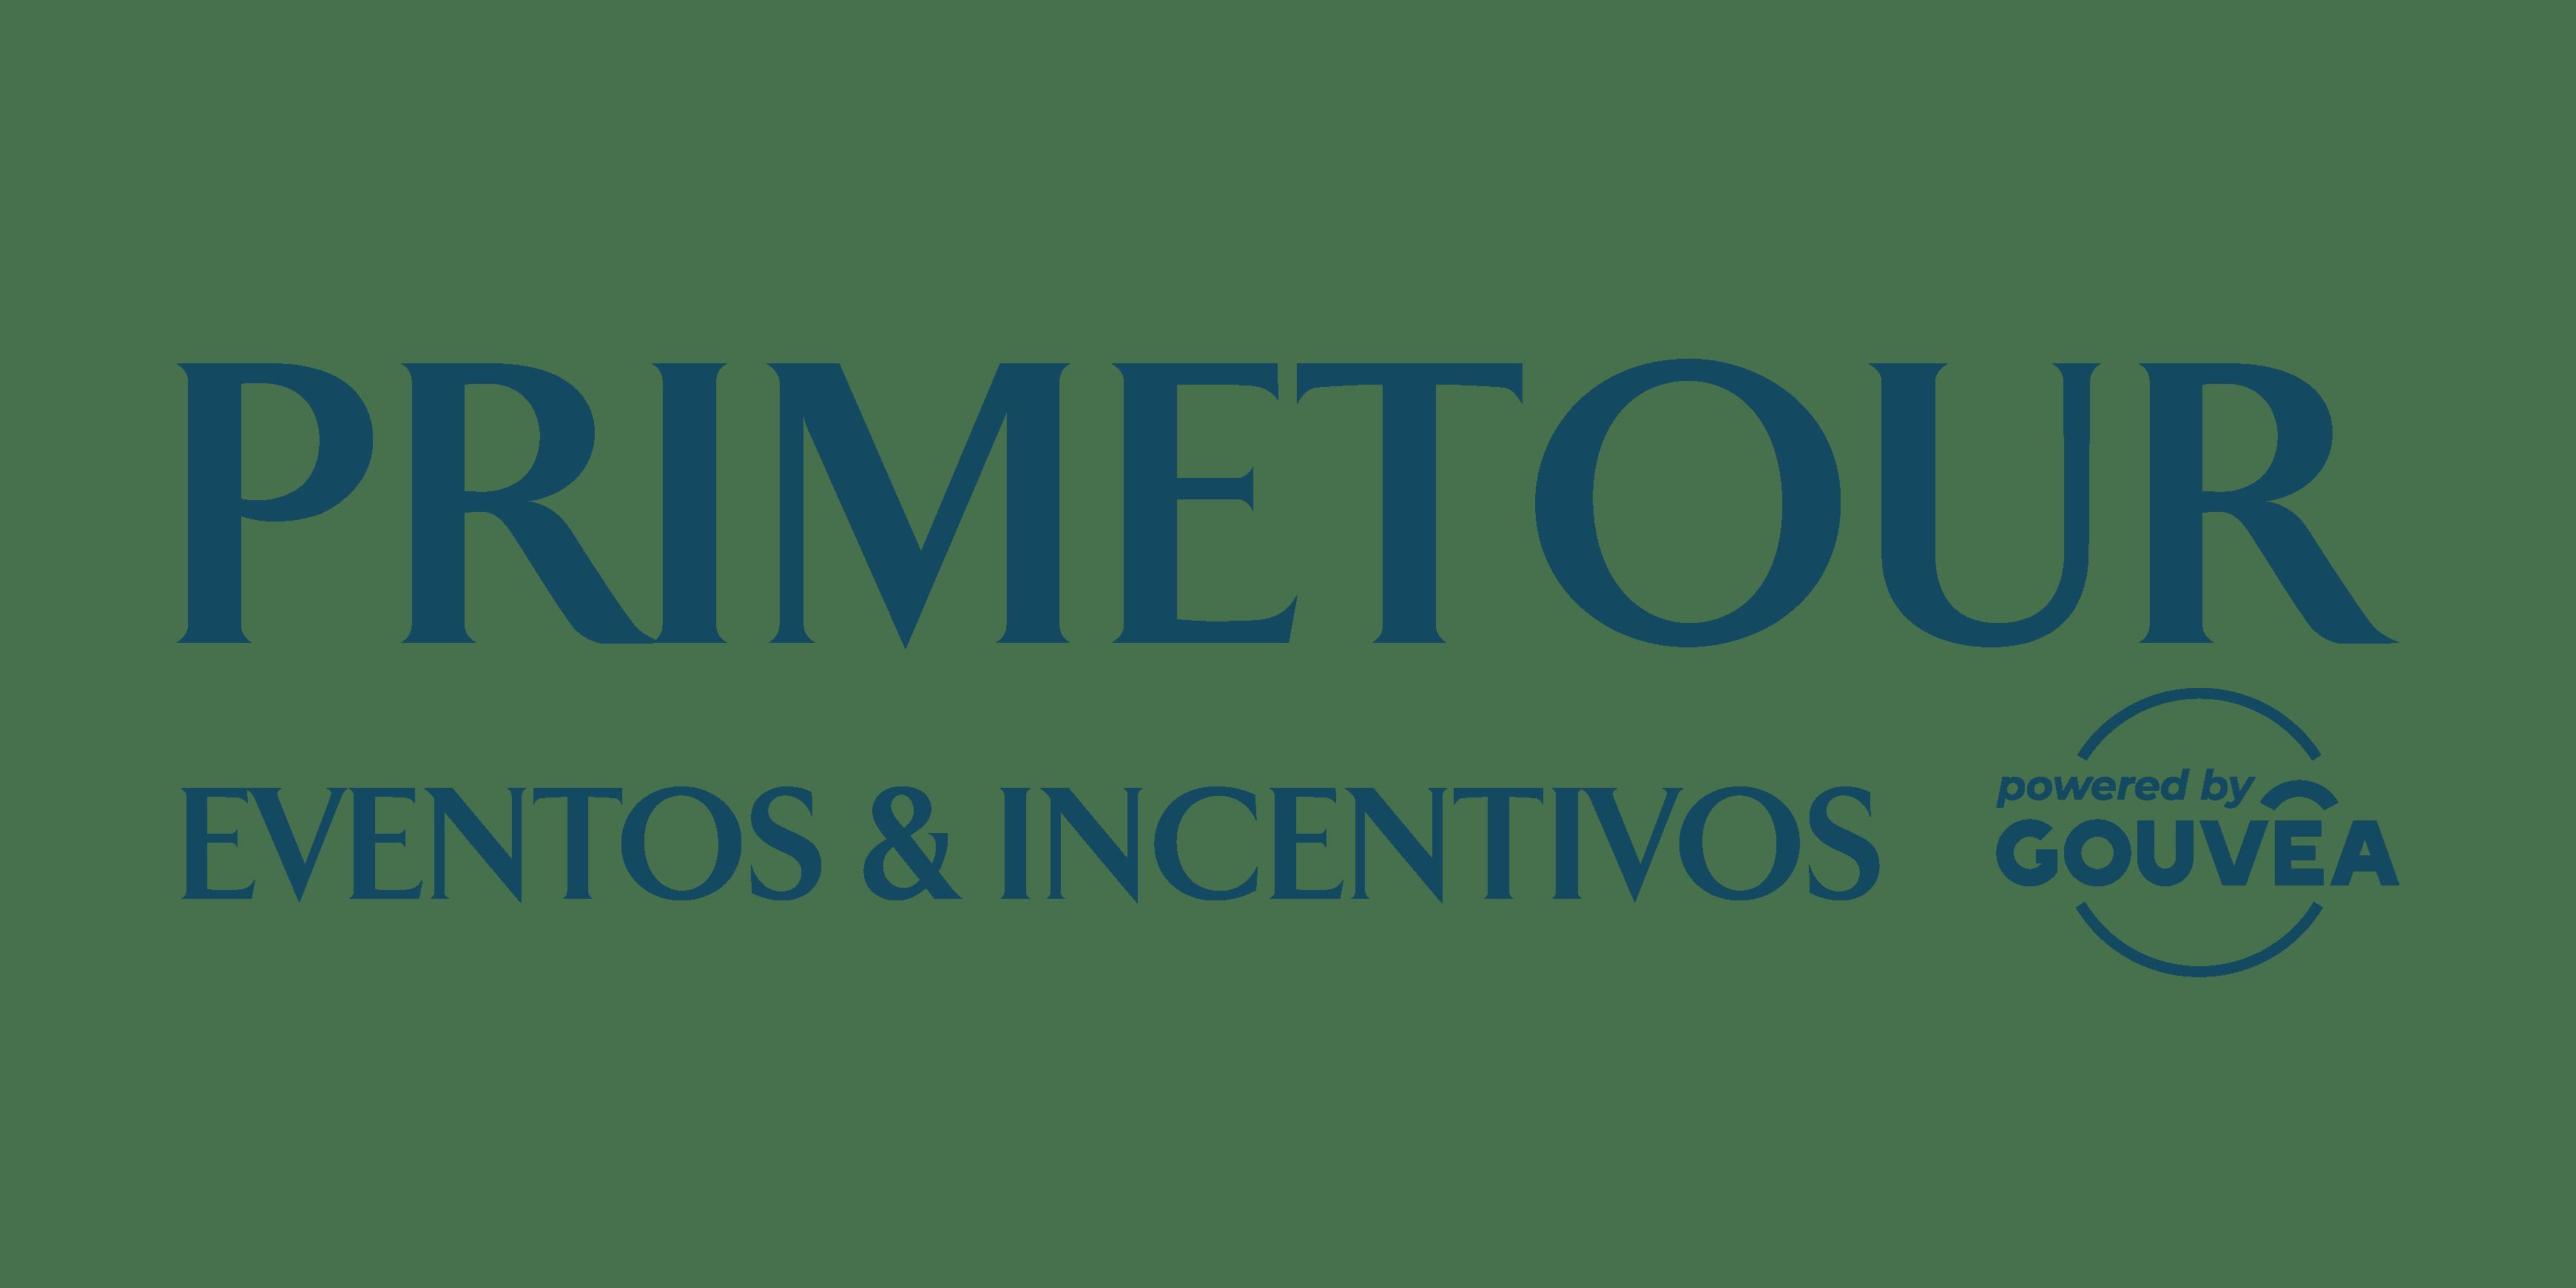 02 - Primetour Viagens & Eventos